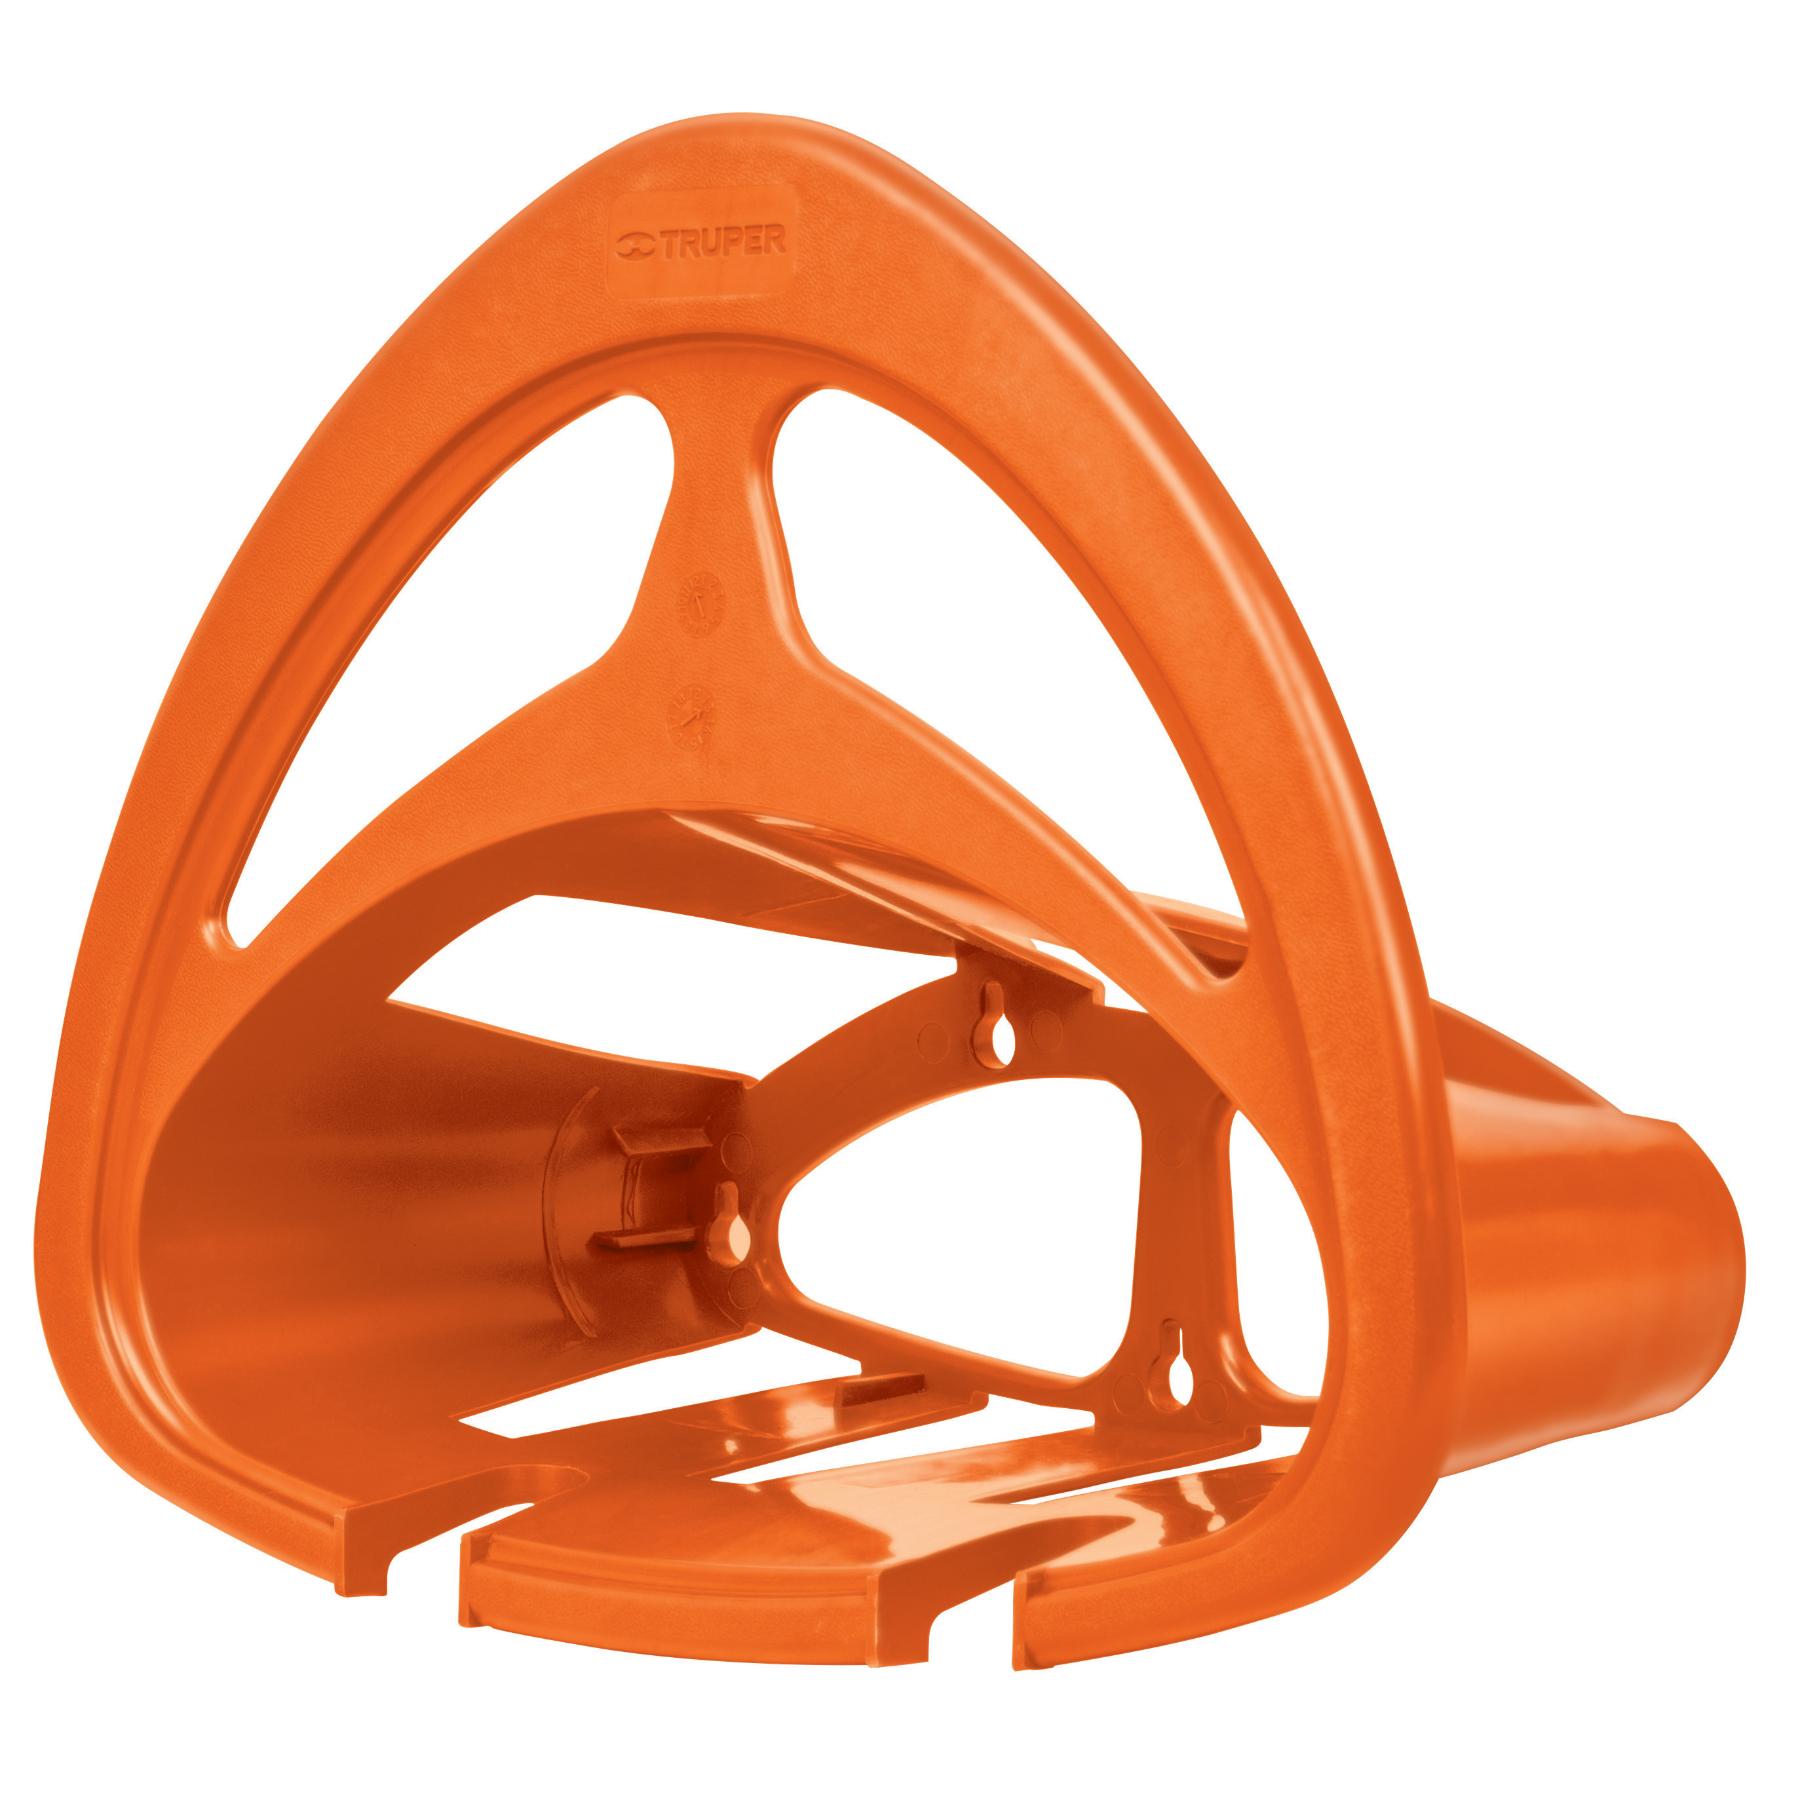 Portamanguera de plástico